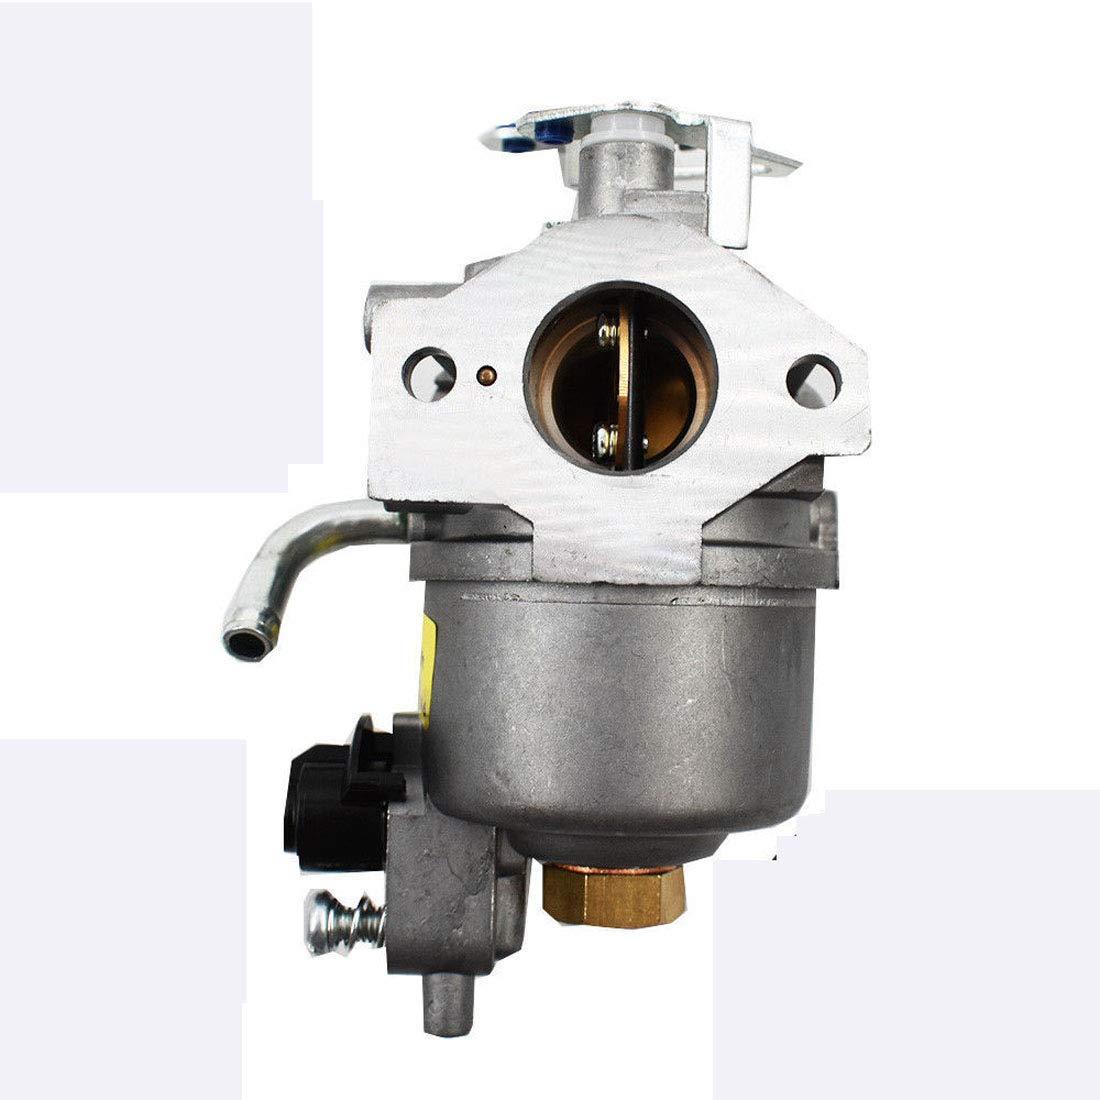 Amazon com : New Carburetor Carb for Onan Cummins 146-0705